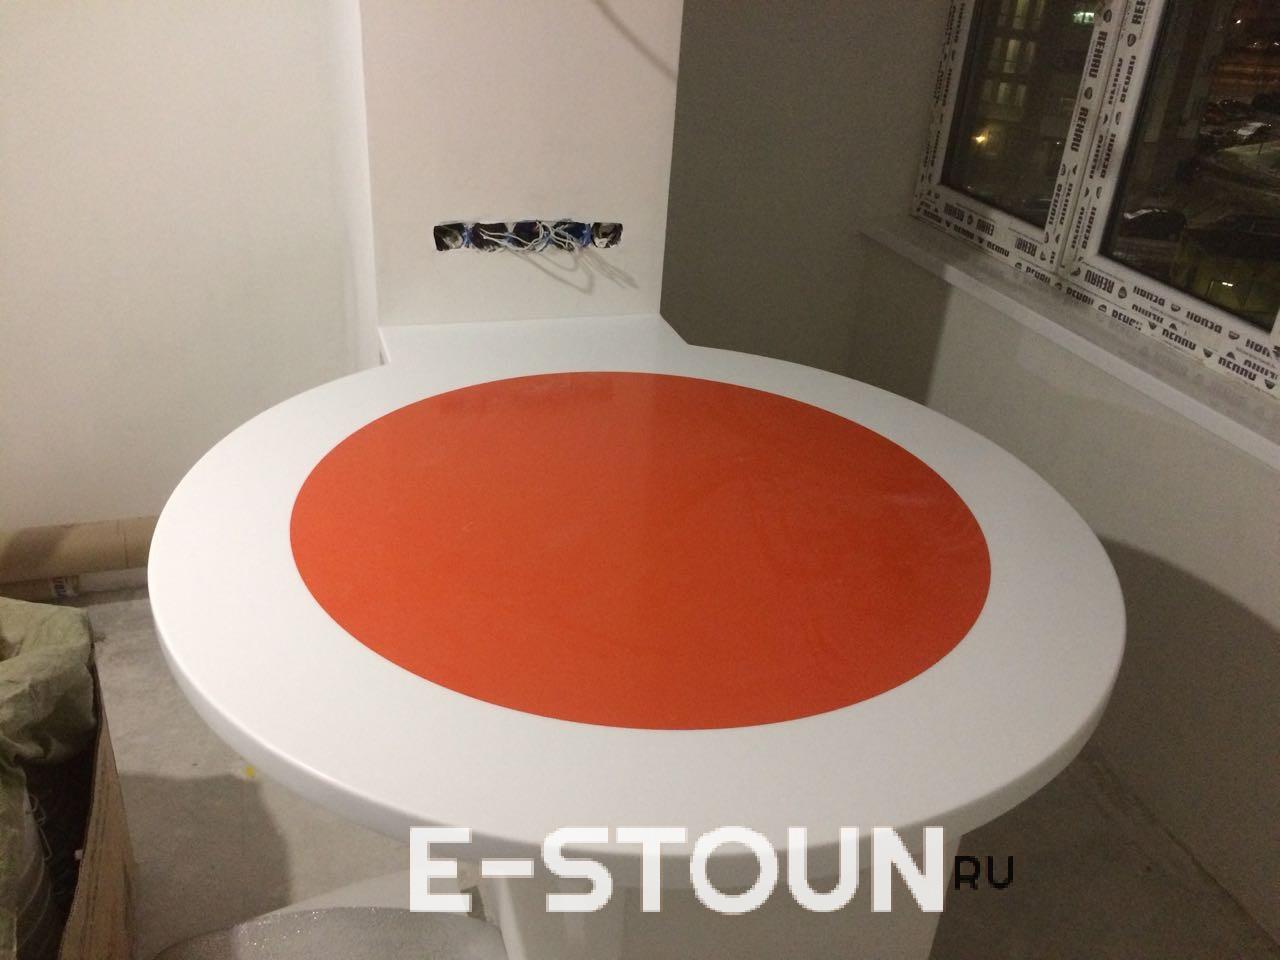 Подоконник из камня Hanex M005 от компании e-stoun.ru: цена и фото